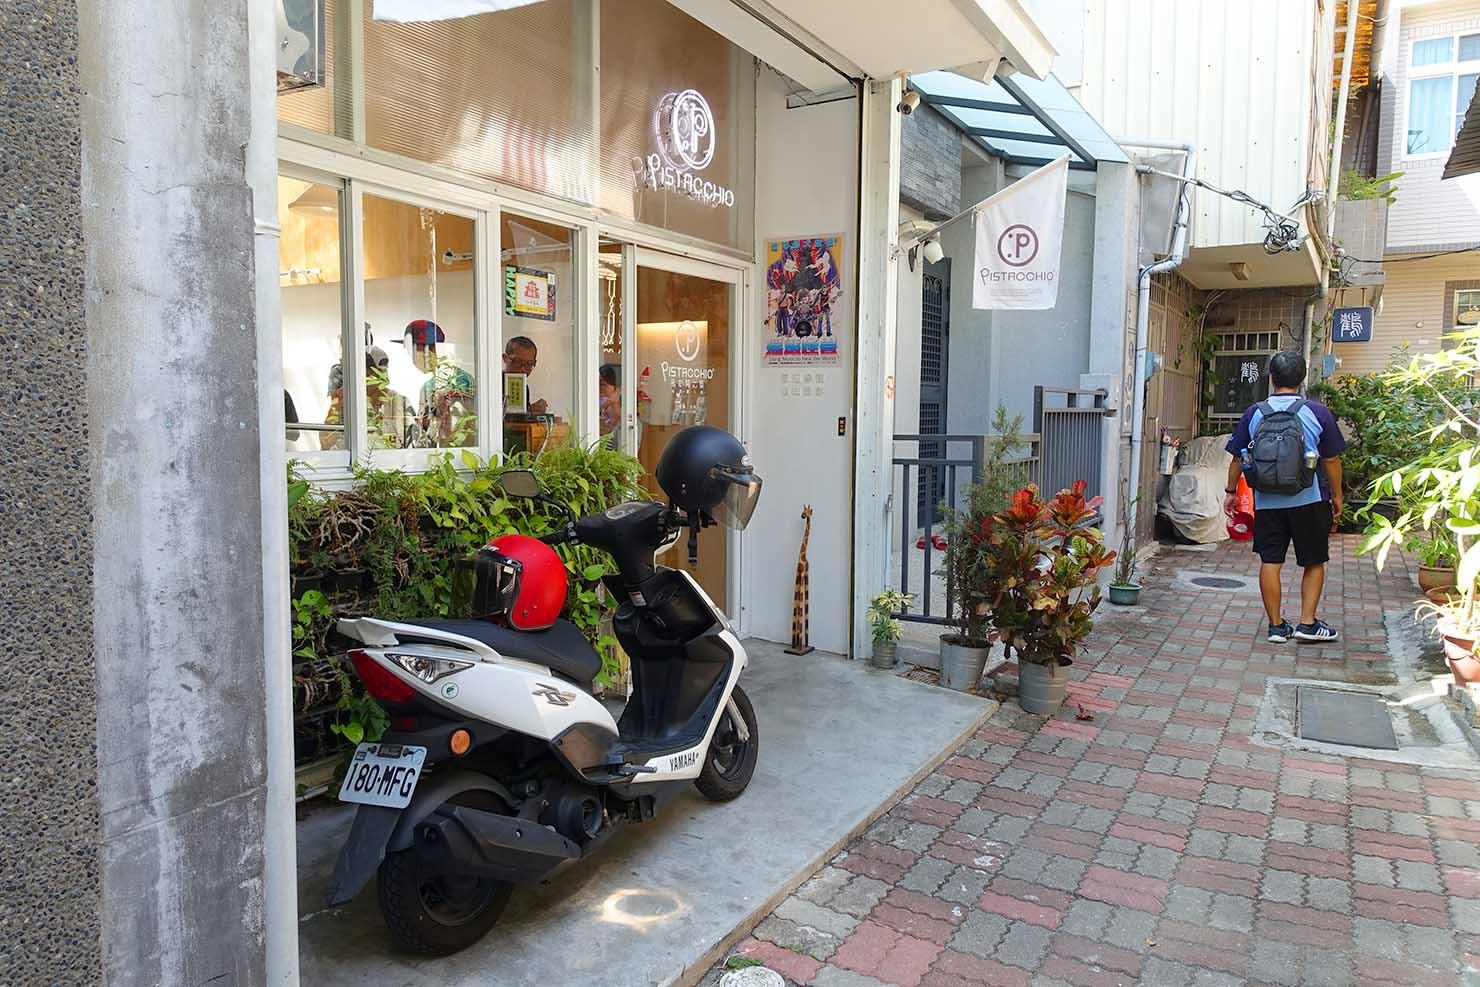 台湾の古都・台南のおすすめ観光スポット「孔廟」周辺の路地ナカスイーツ店